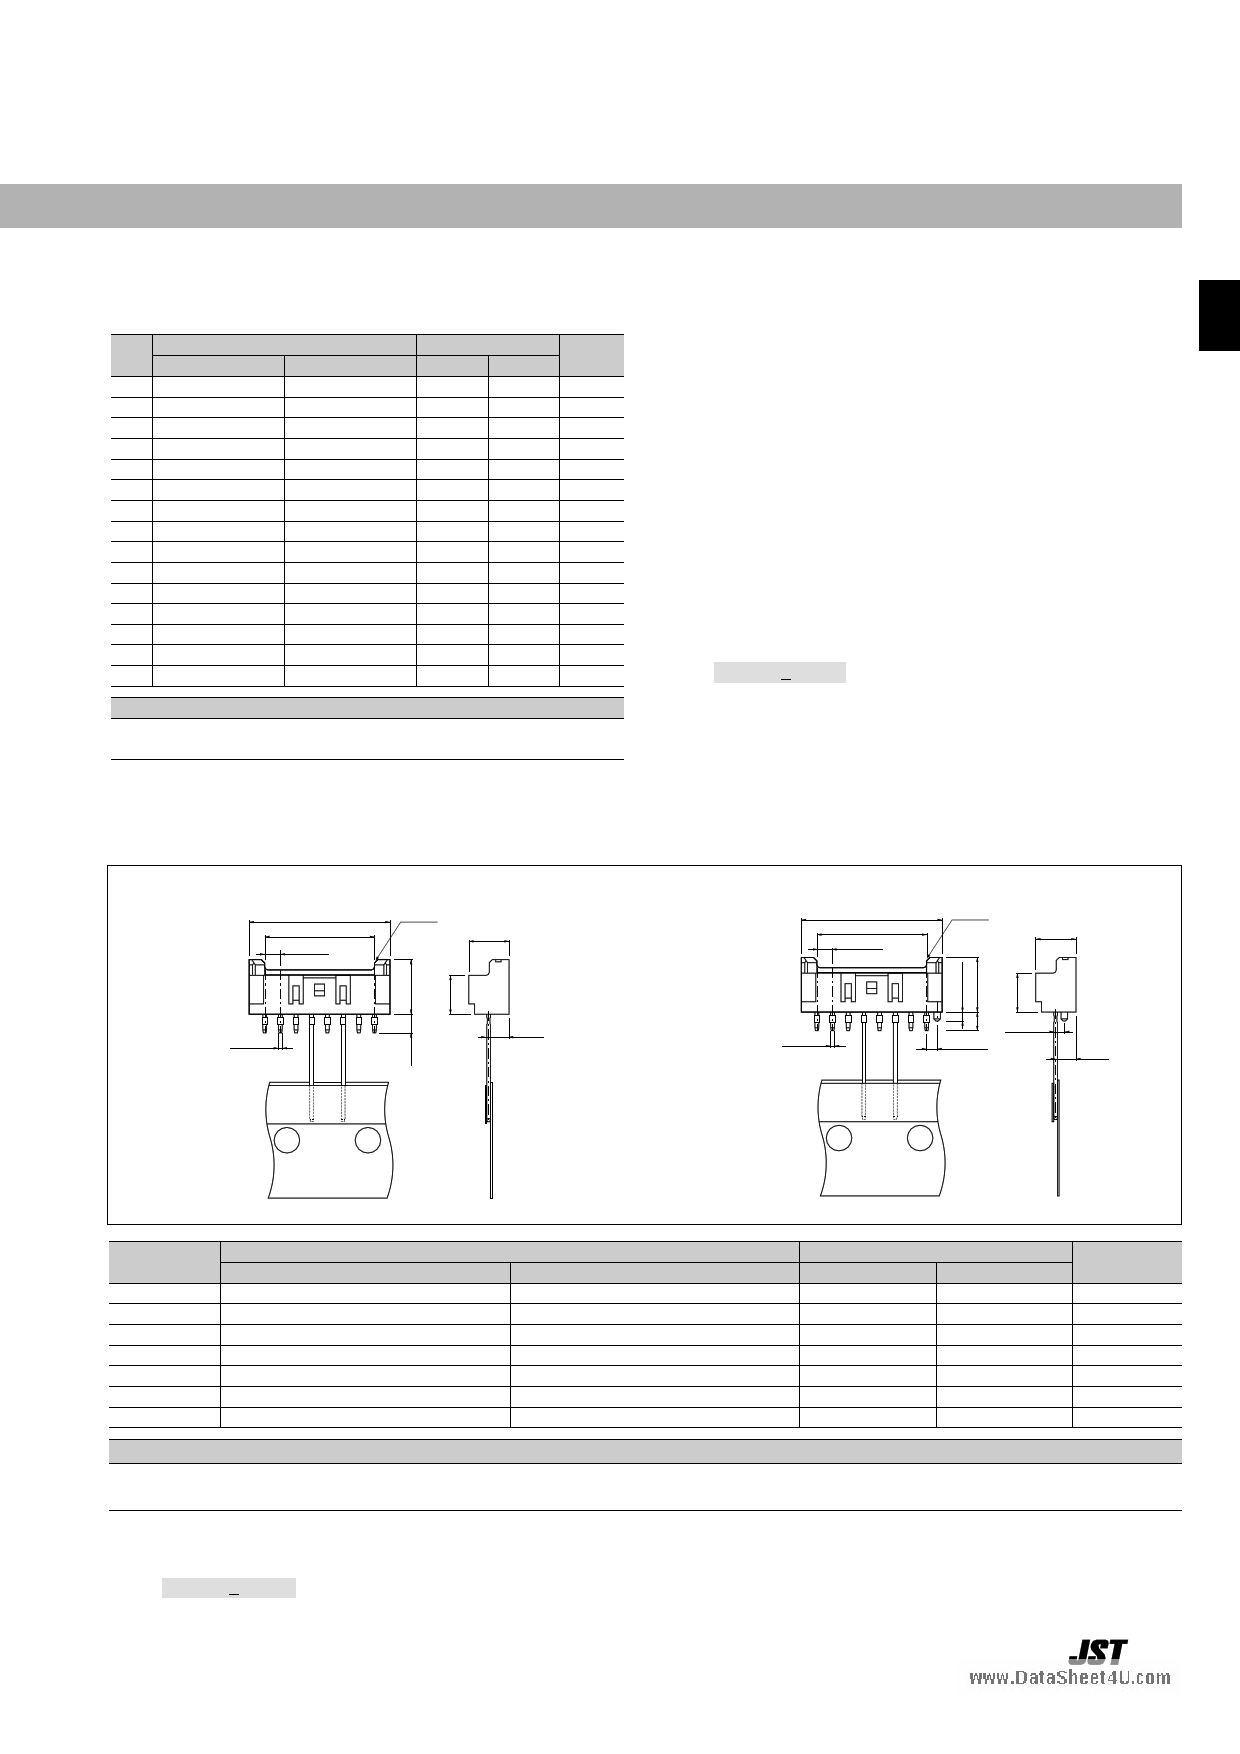 B-03B-XASS-1-T pdf